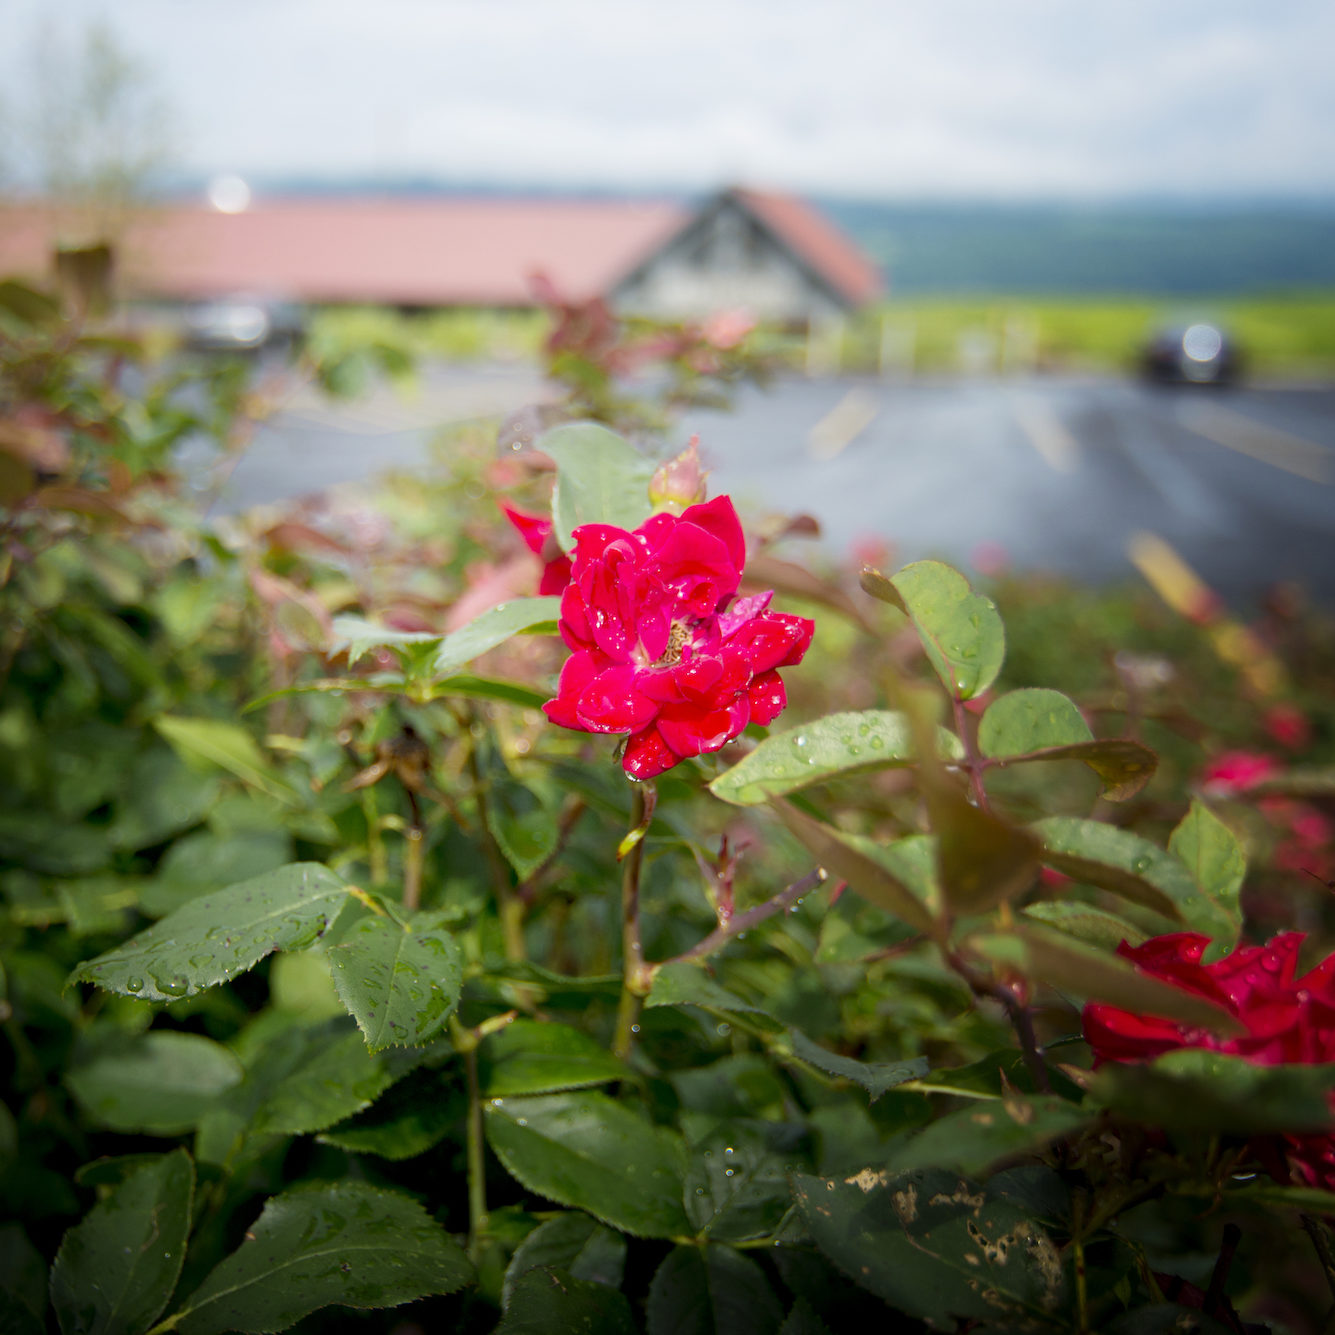 Lakewood Vineyards' Rose | Finger Lakes Vineyards